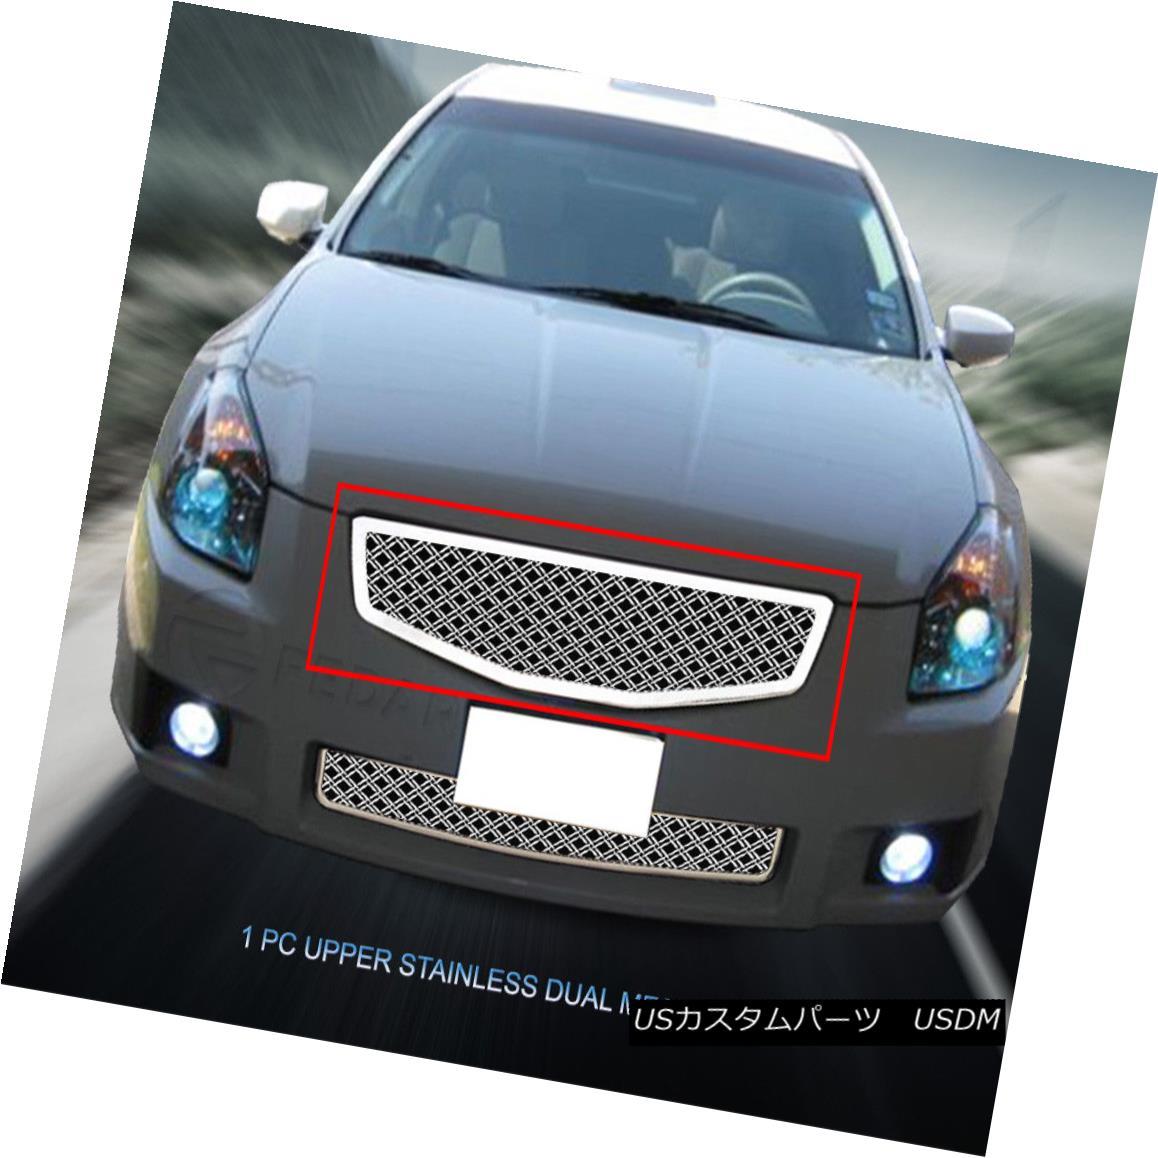 グリル Fedar Fits 2007-2008 Nissan Maxima Full Polished Dual Weave Mesh Grille Insert Fedar Fitting 2007-2008日産マキシマフルポリッシュデュアルウィーブメッシュグリルインサート